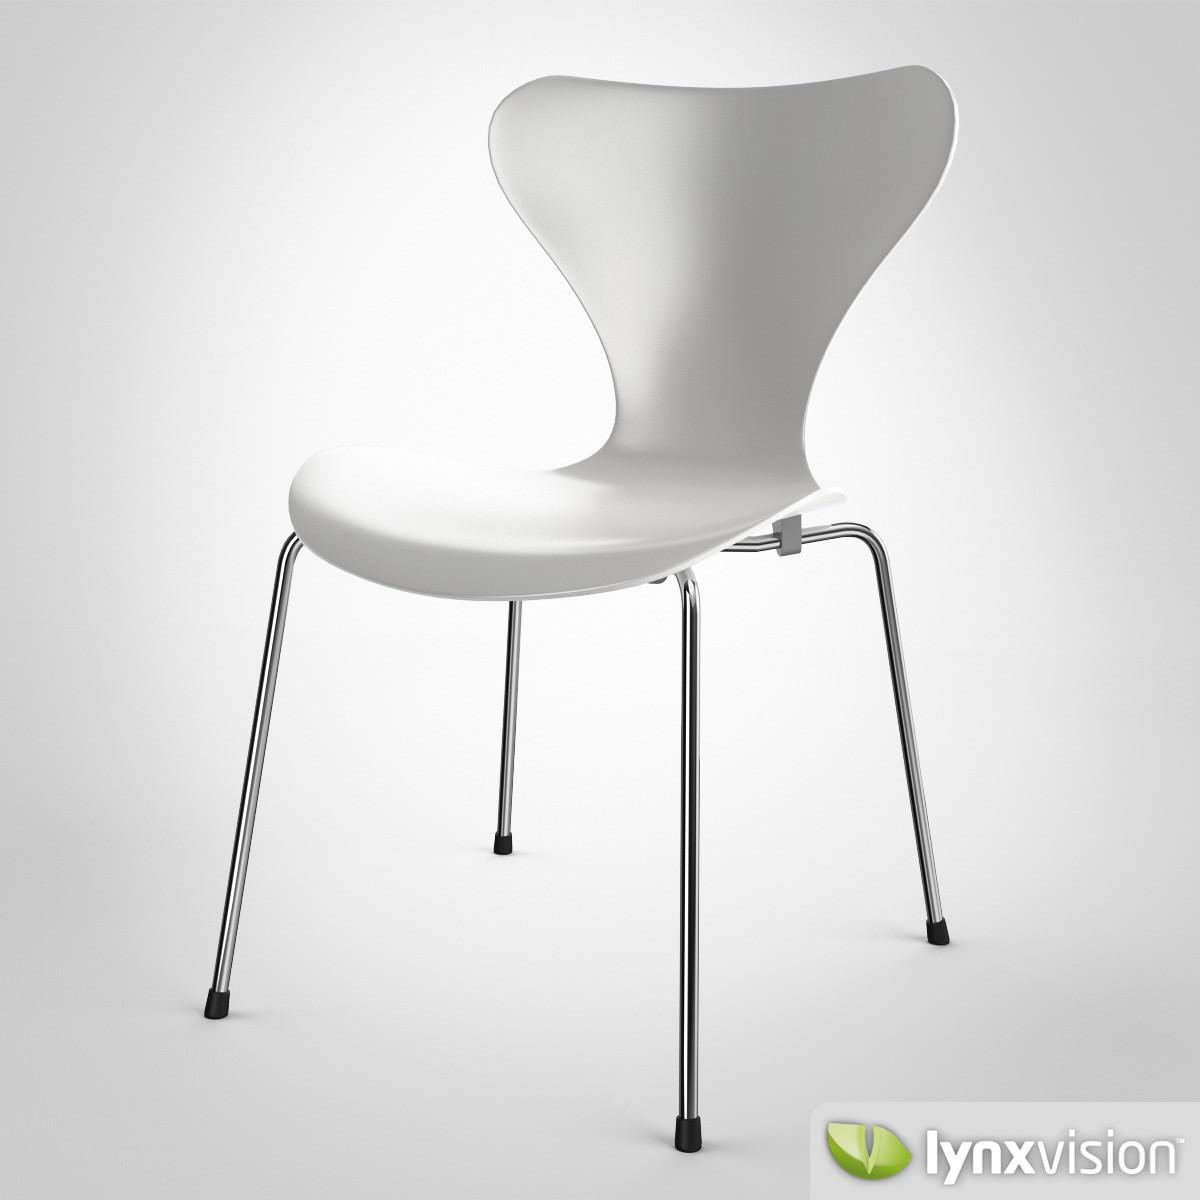 serie 7 chair by arne jacobsen 3d model max obj fbx. Black Bedroom Furniture Sets. Home Design Ideas